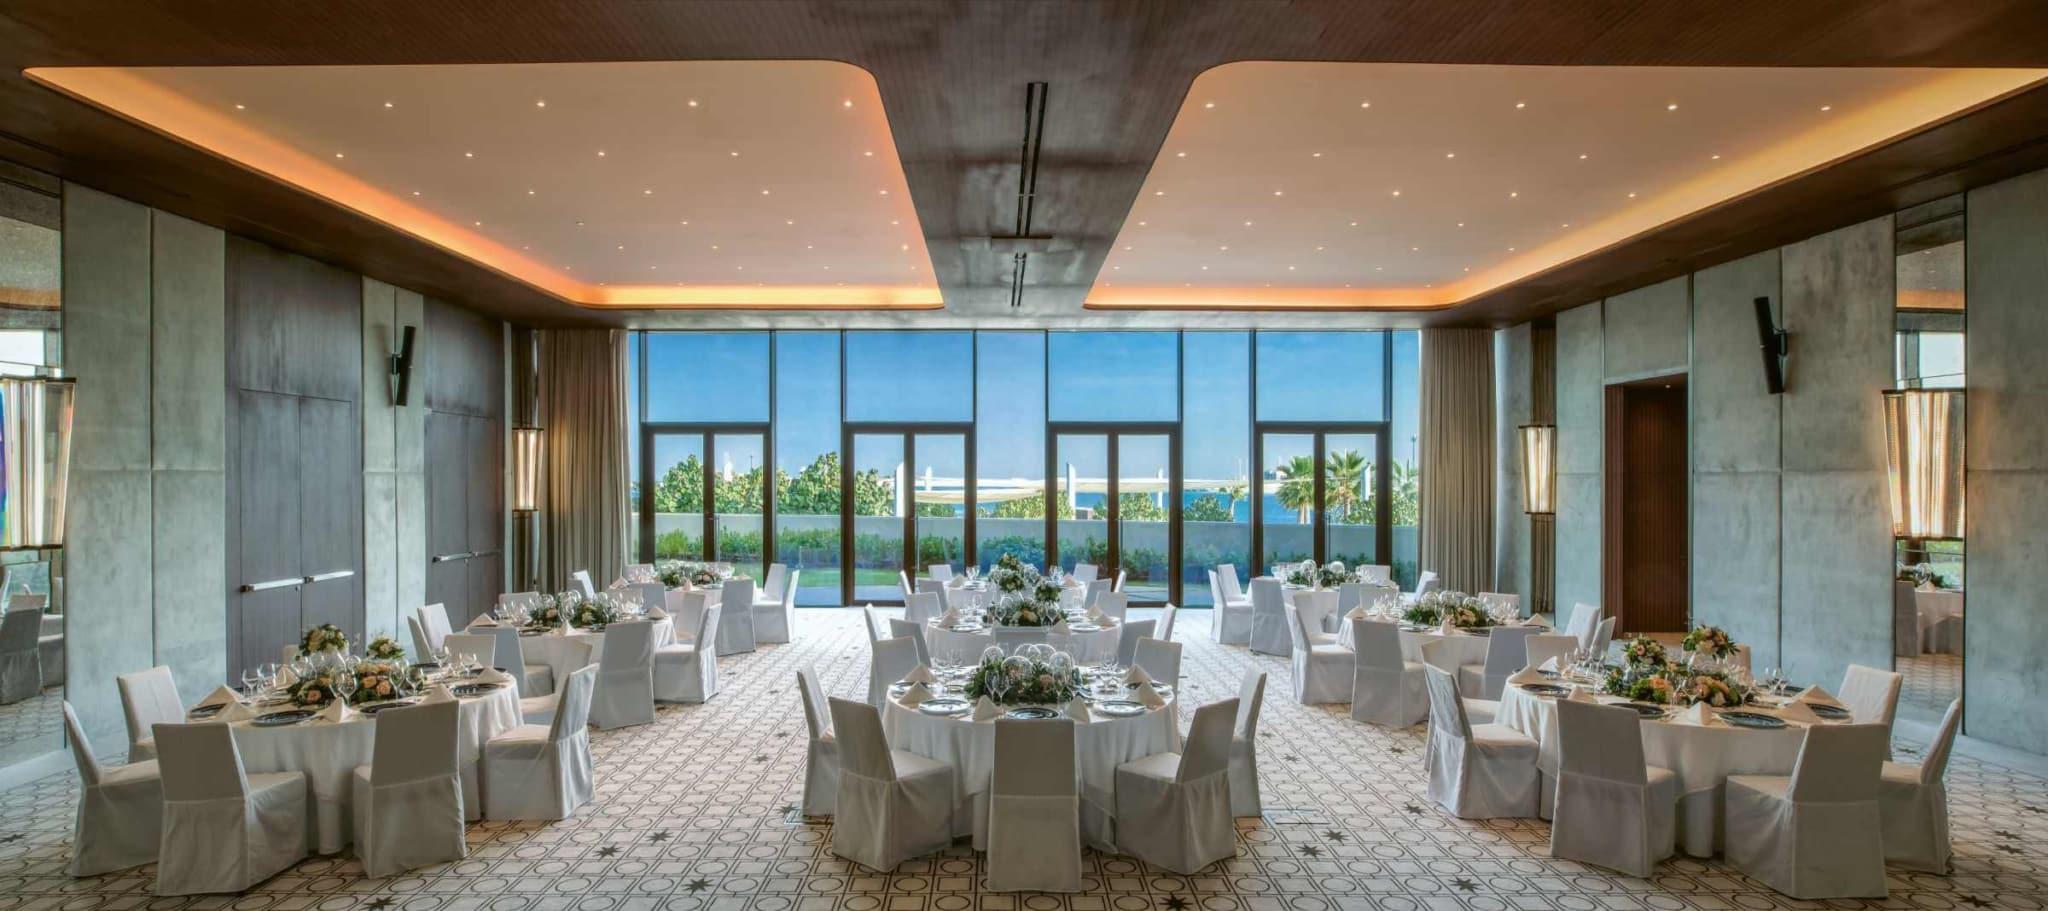 Ви неодмінно оціните перевагу у розташуванні готелю:  на приватному острові у Перській затоці. Приголомшливі види із вікна номеру або ресторанів гарантовані.